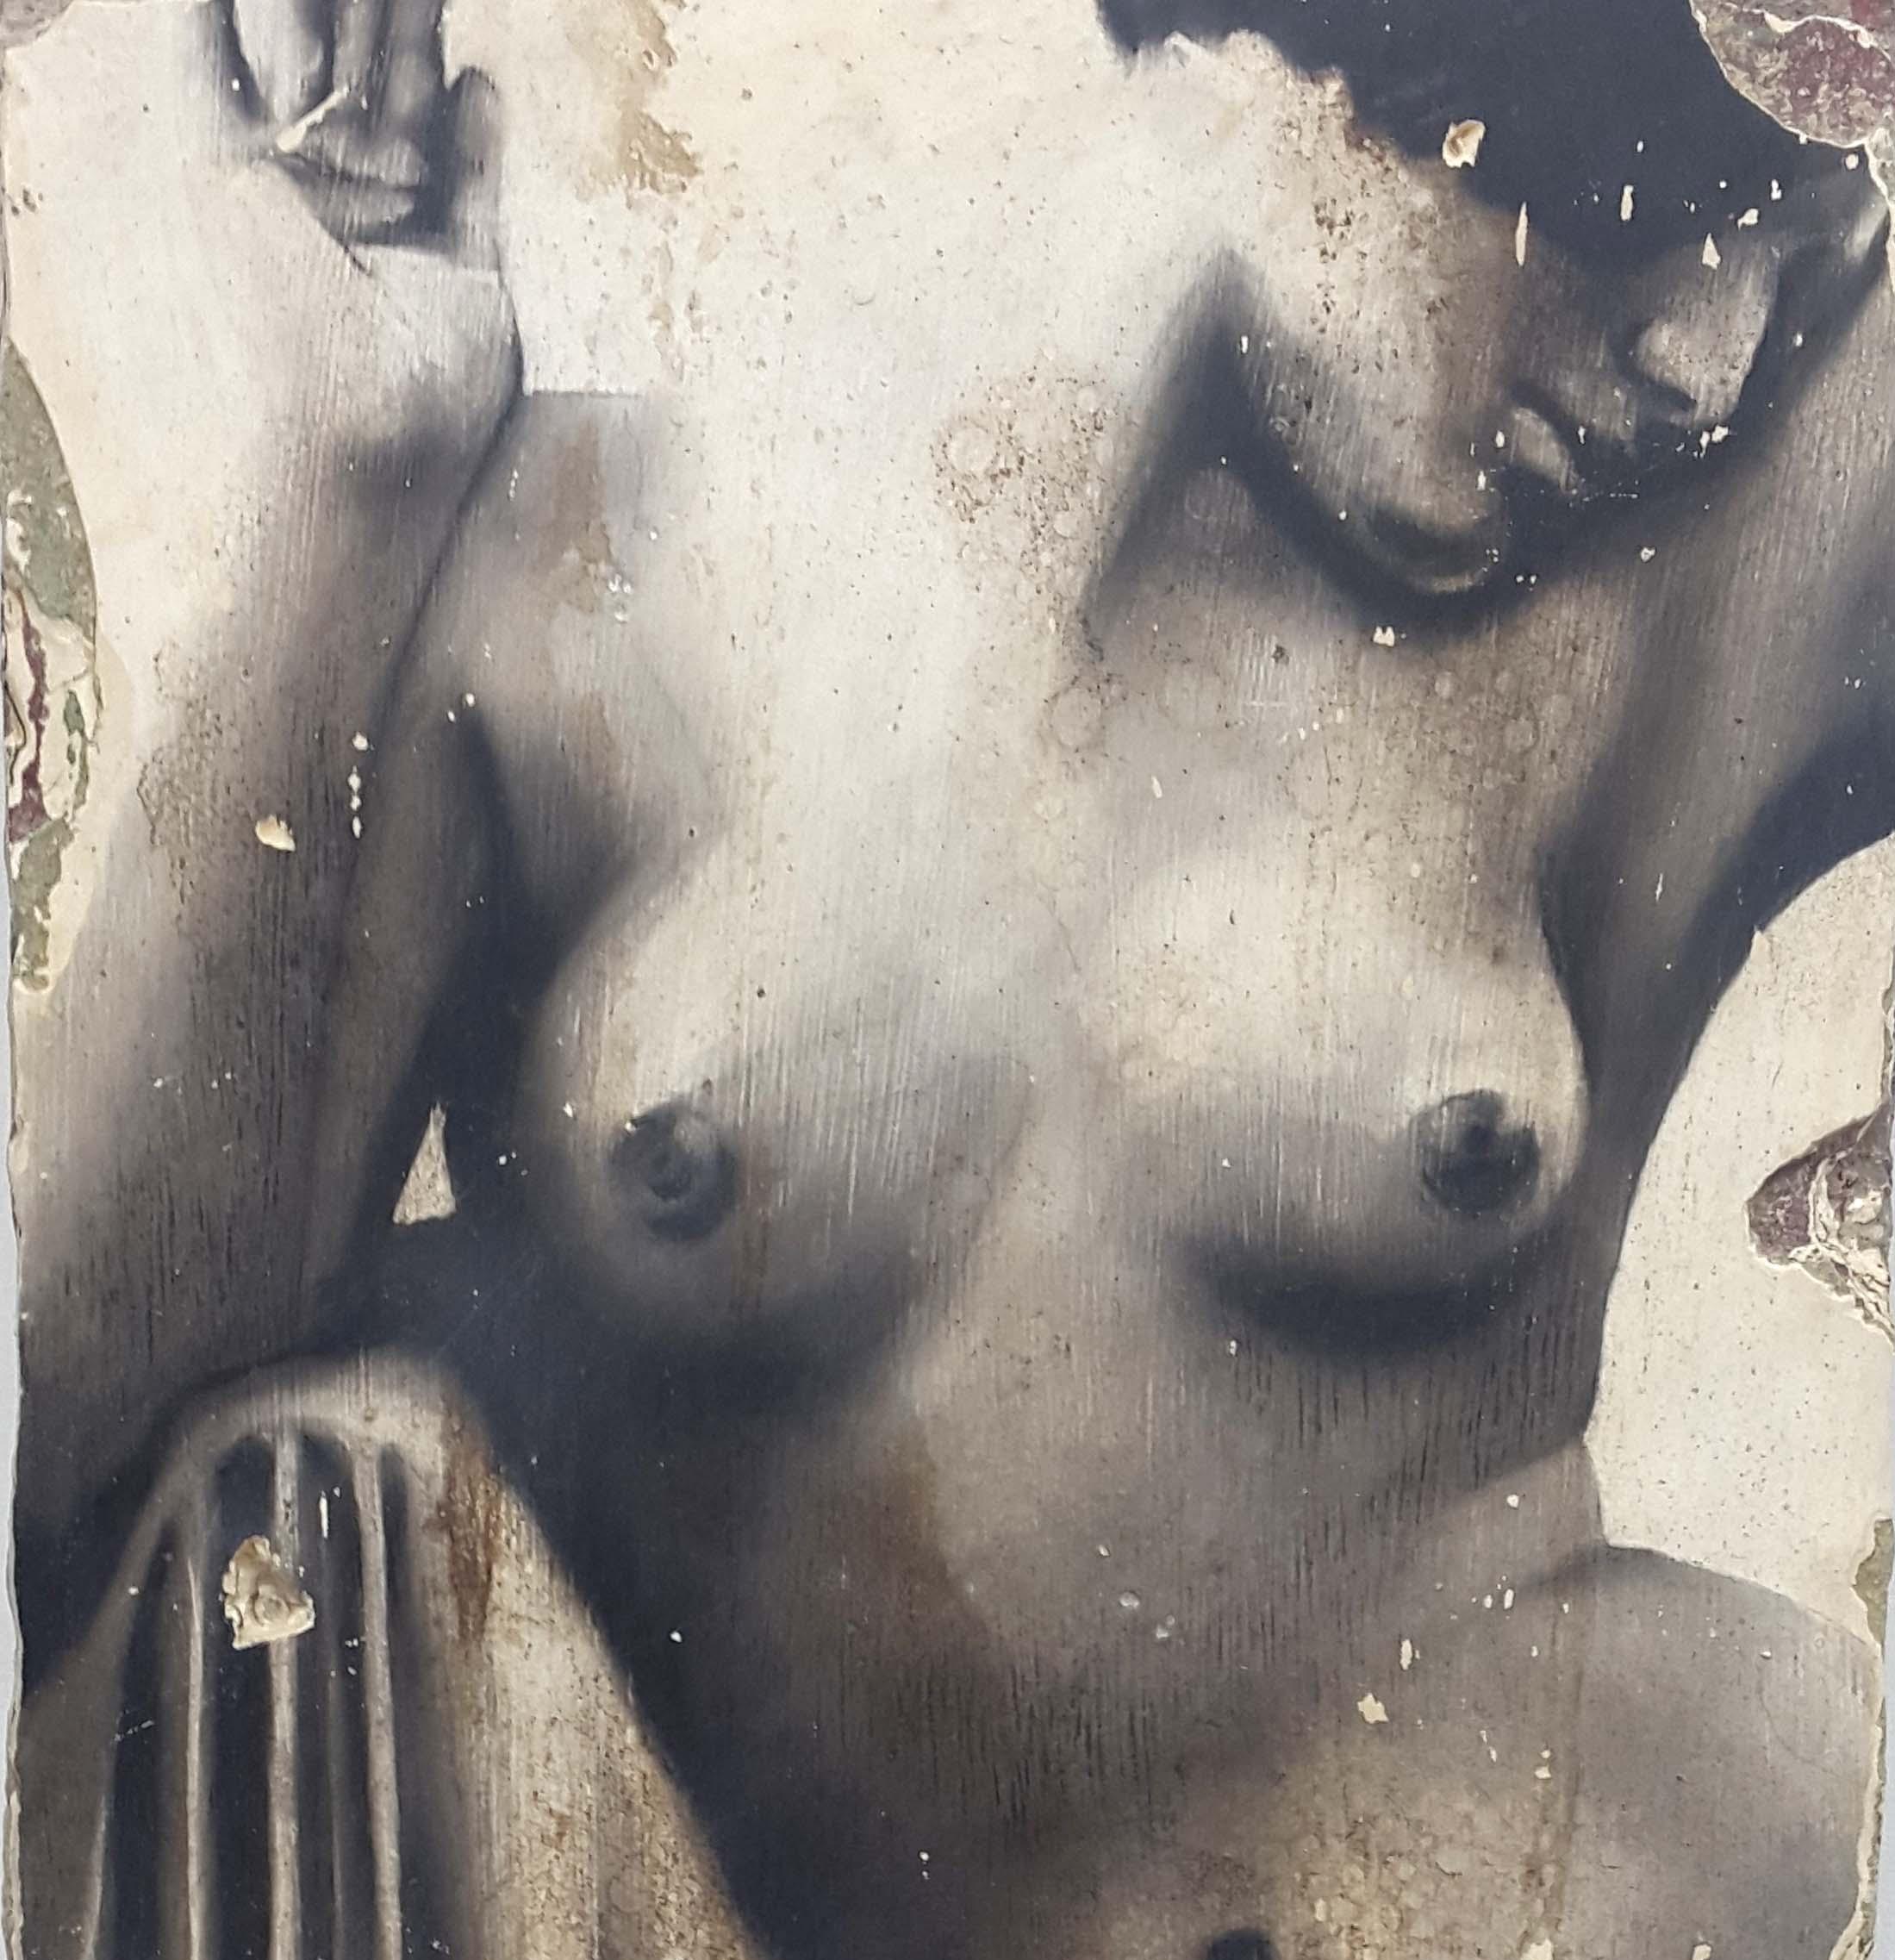 Descialbo (carboncino, bitume, tempera, intonaco) su cartone, 25x50 cm